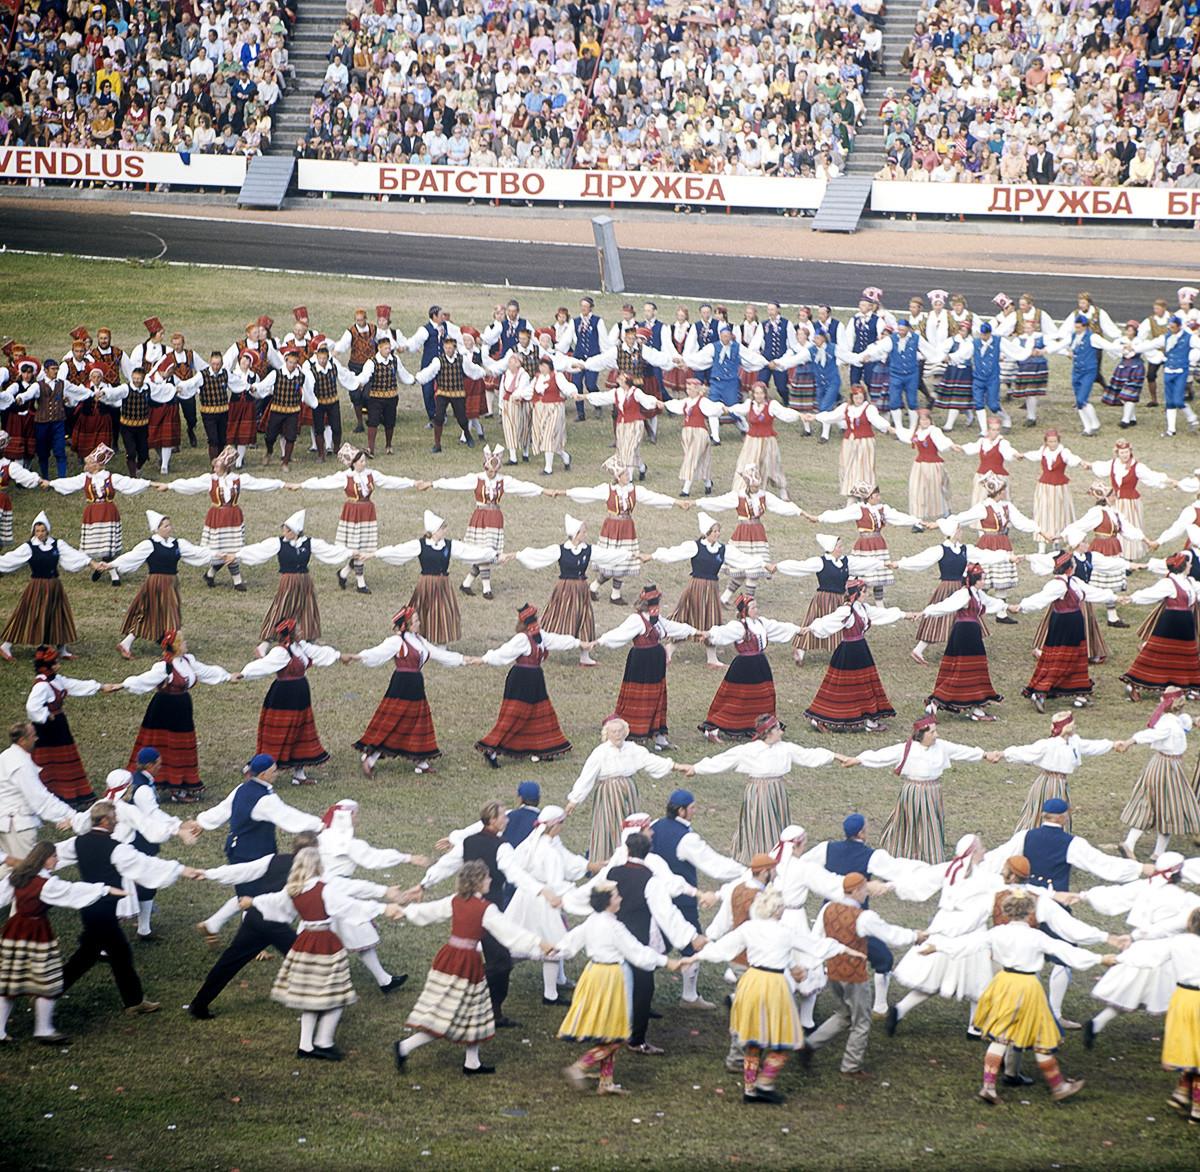 Festival de Música e Dança em Tallinn, 1976